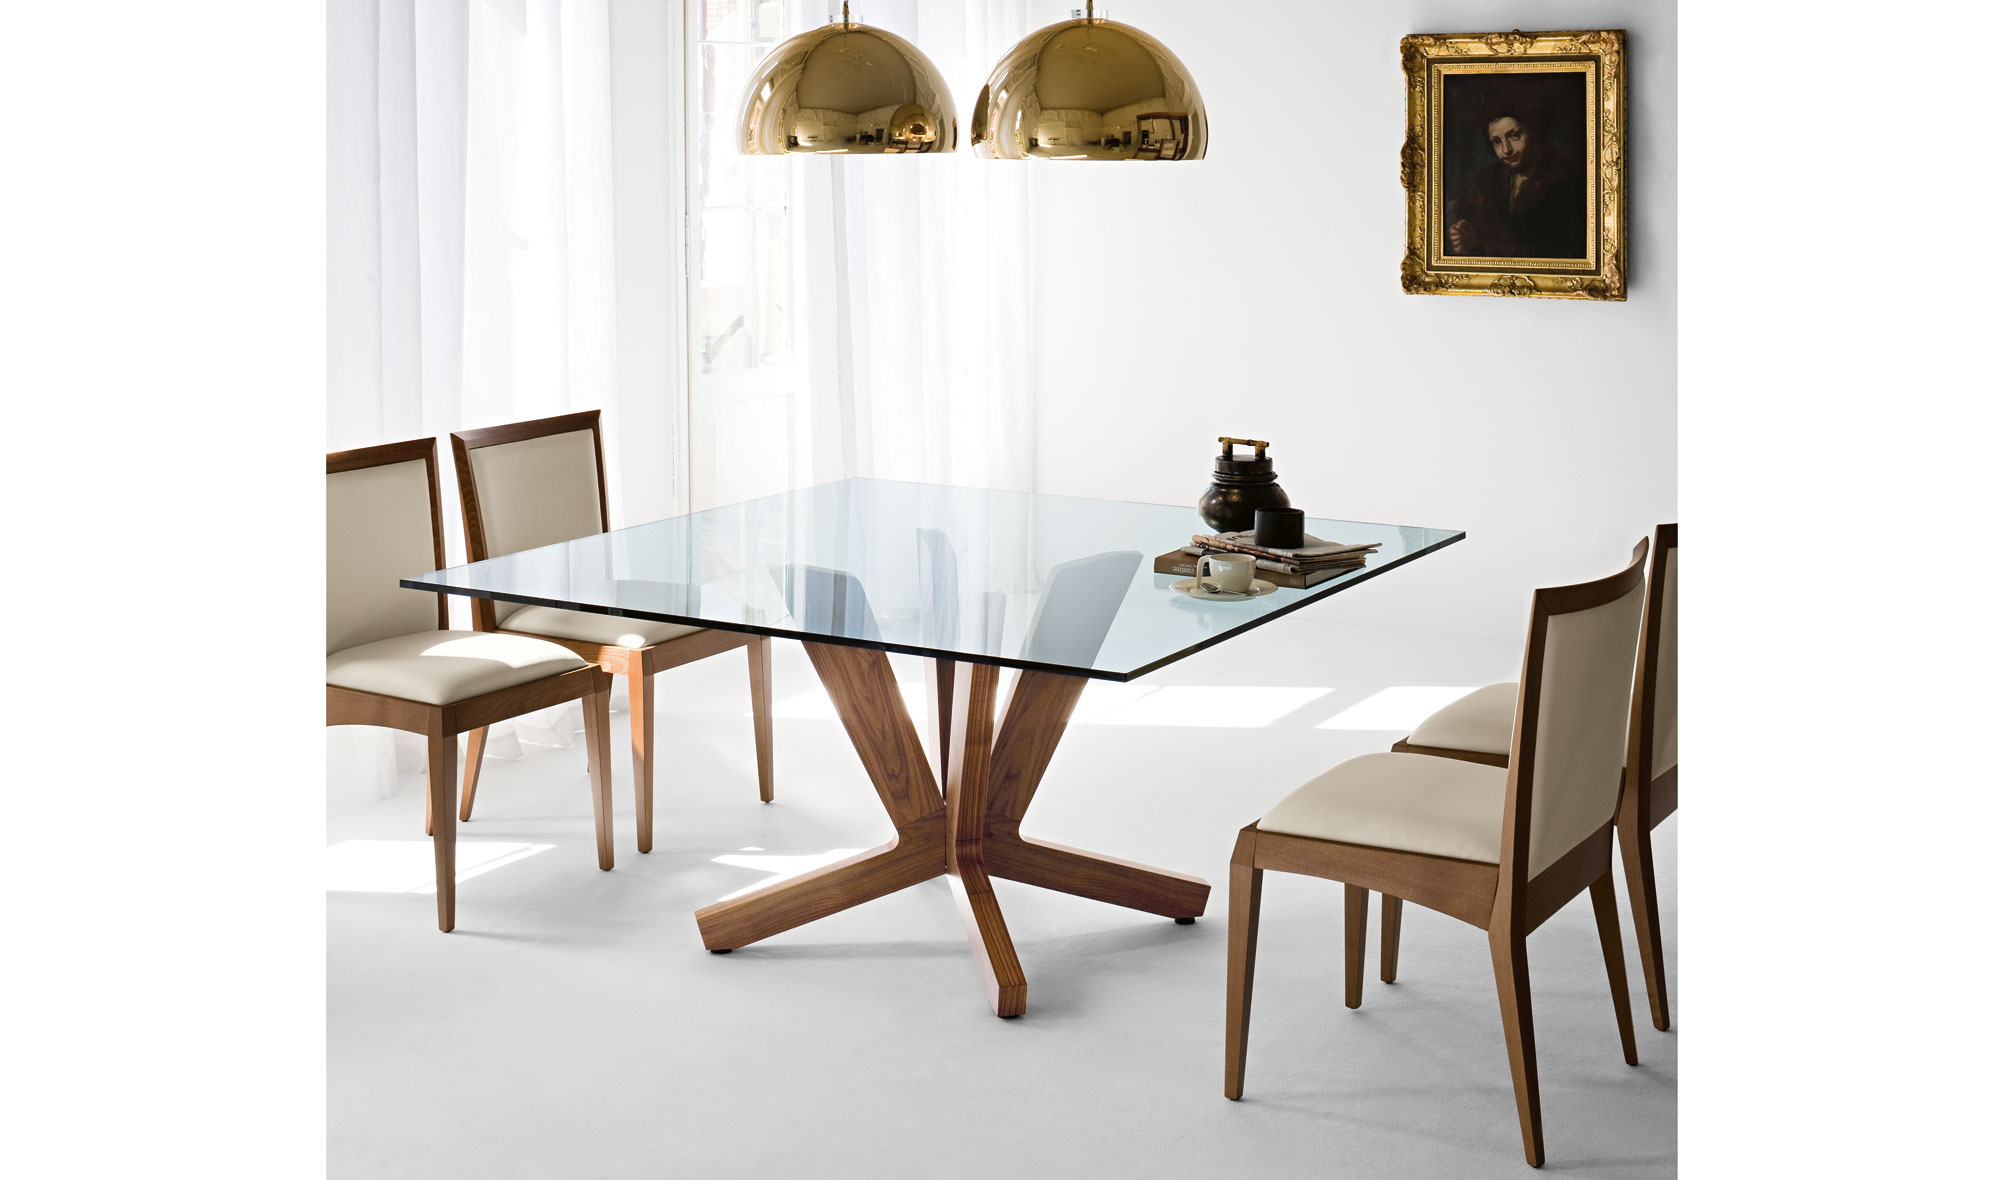 Mesa de comedor cuadrada moderna goblin cattelan en for Mesas ovaladas para comedor